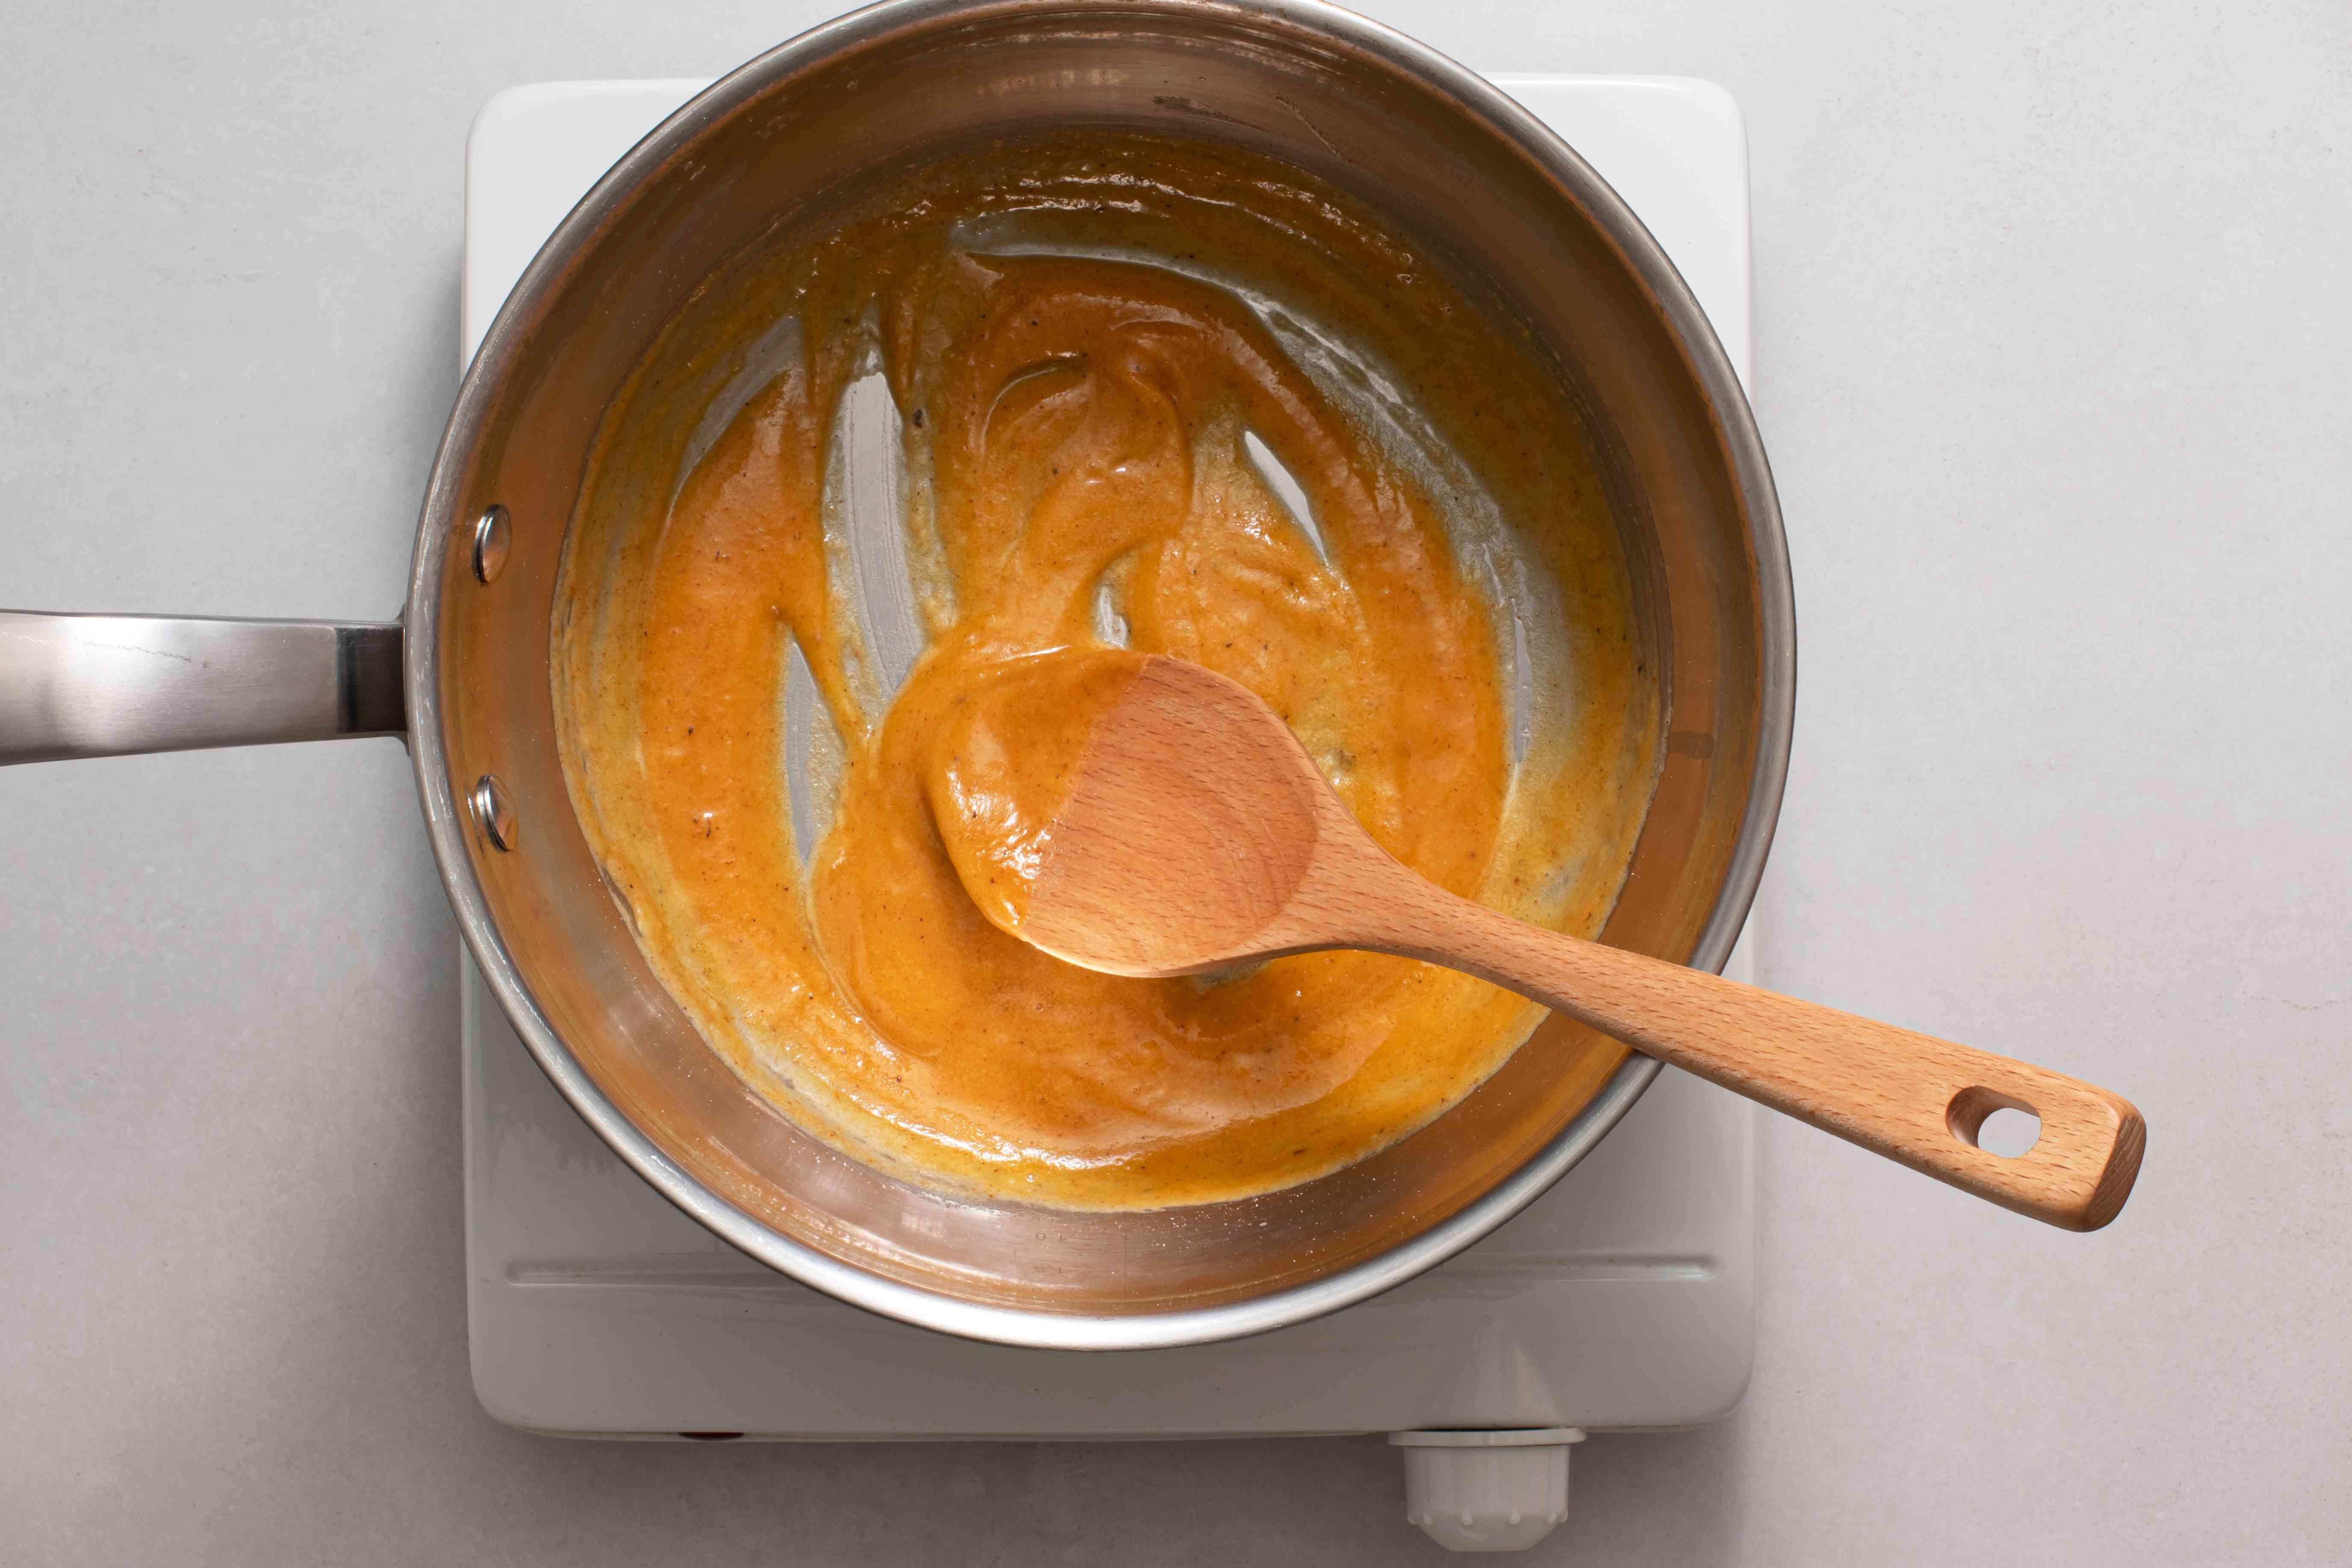 flour, salt, cayenne, and nutmeg in a pan